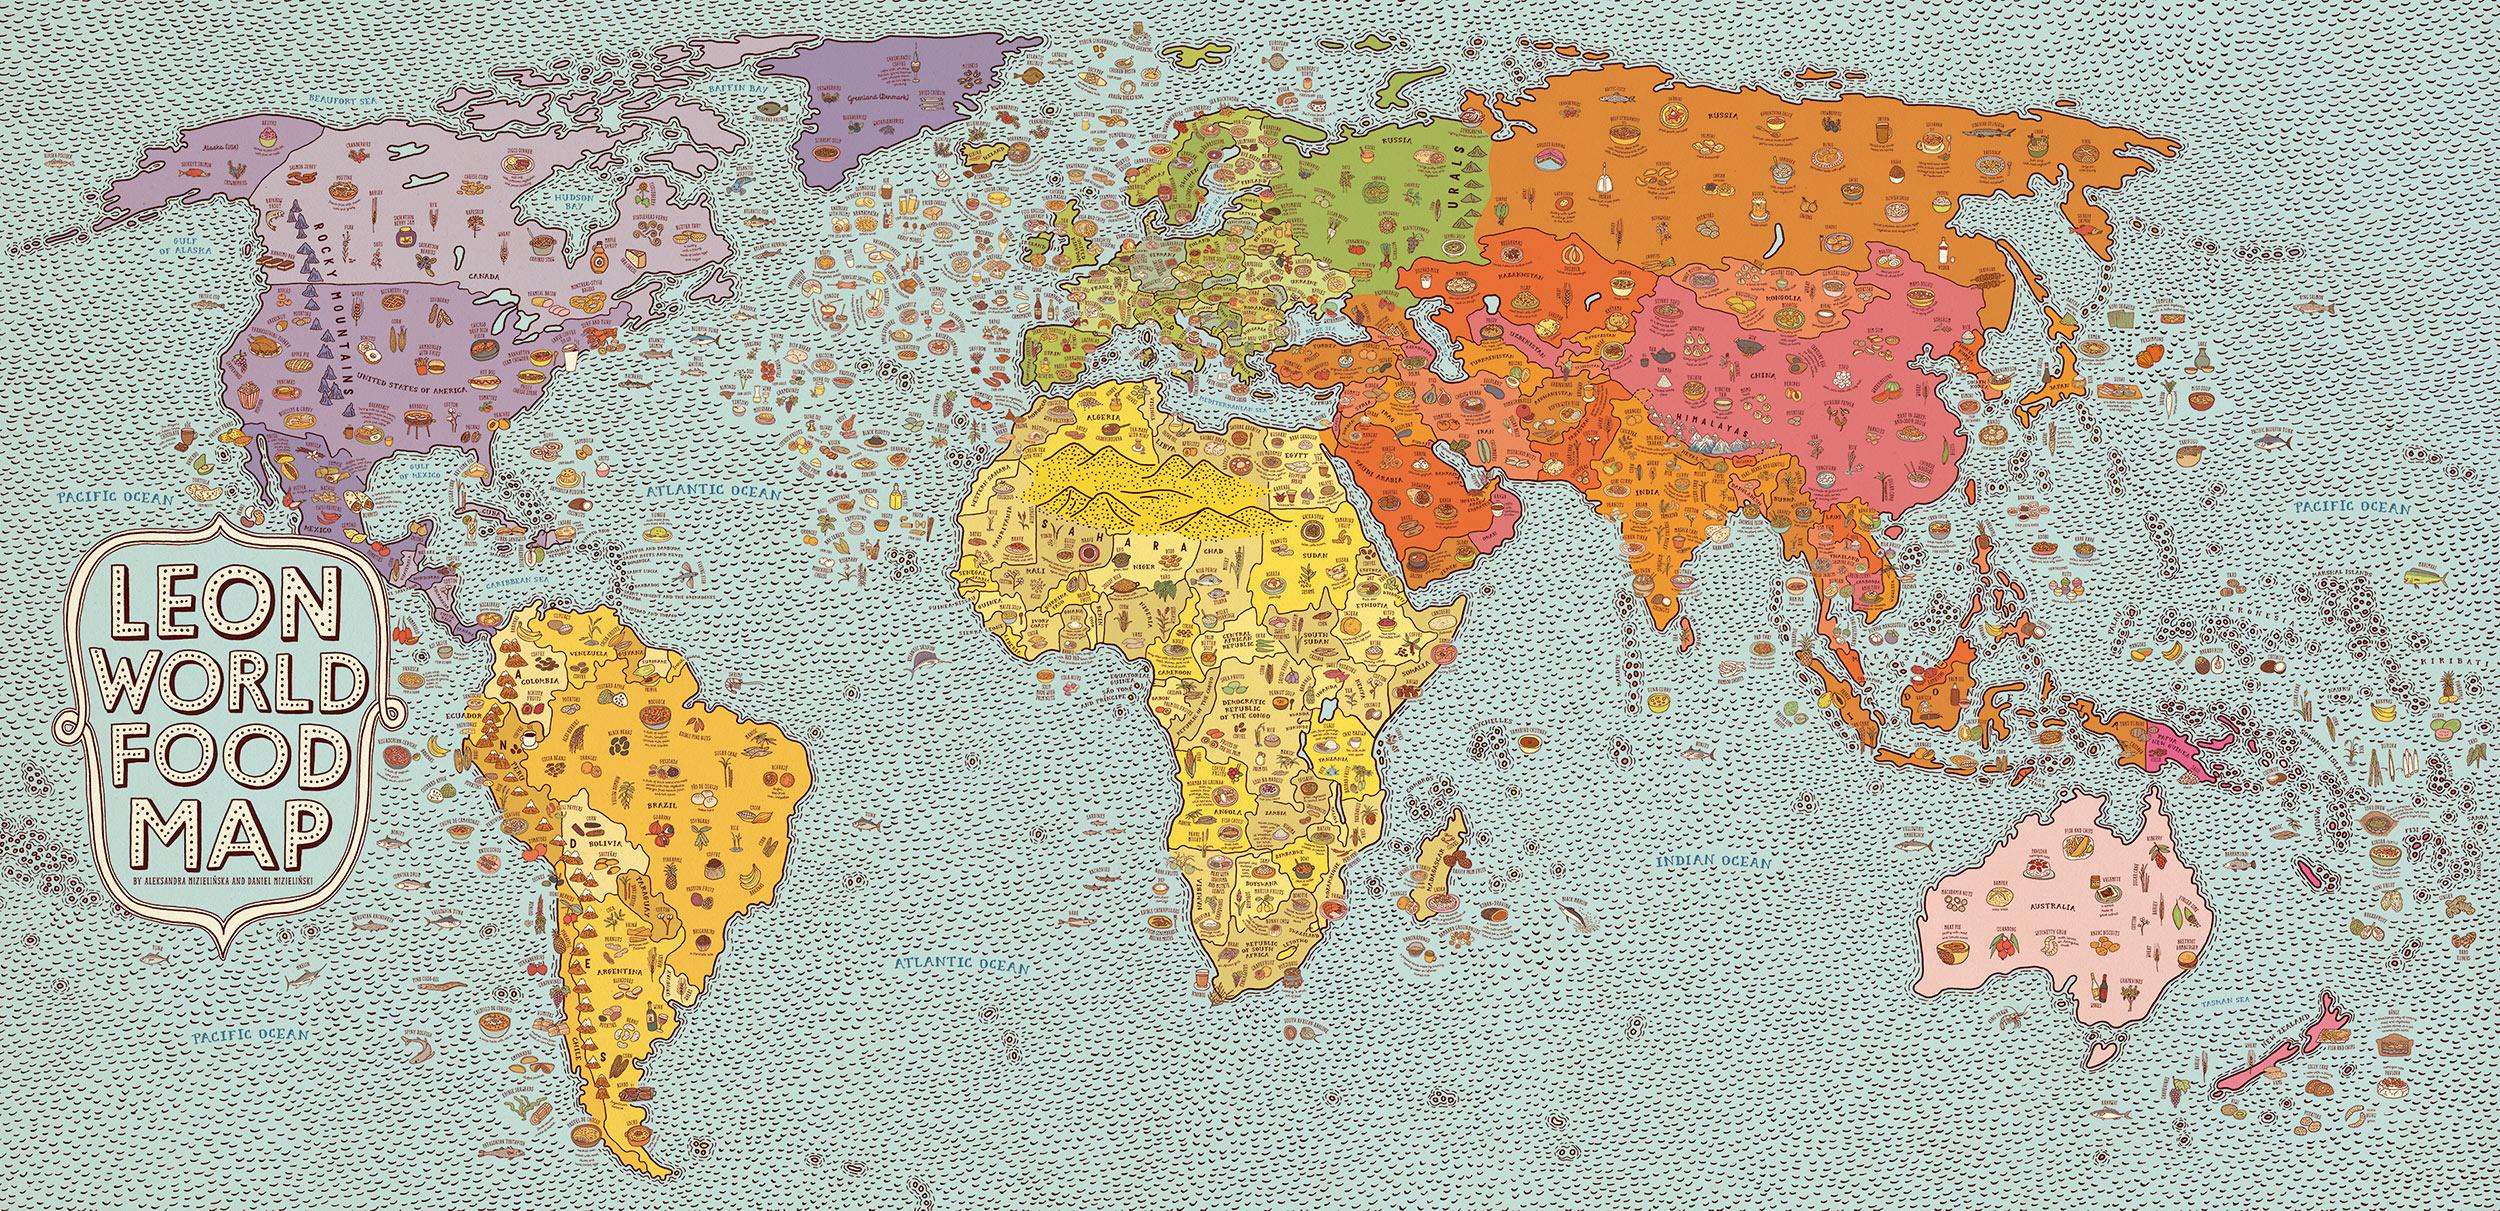 Leon World Food Map, 2014